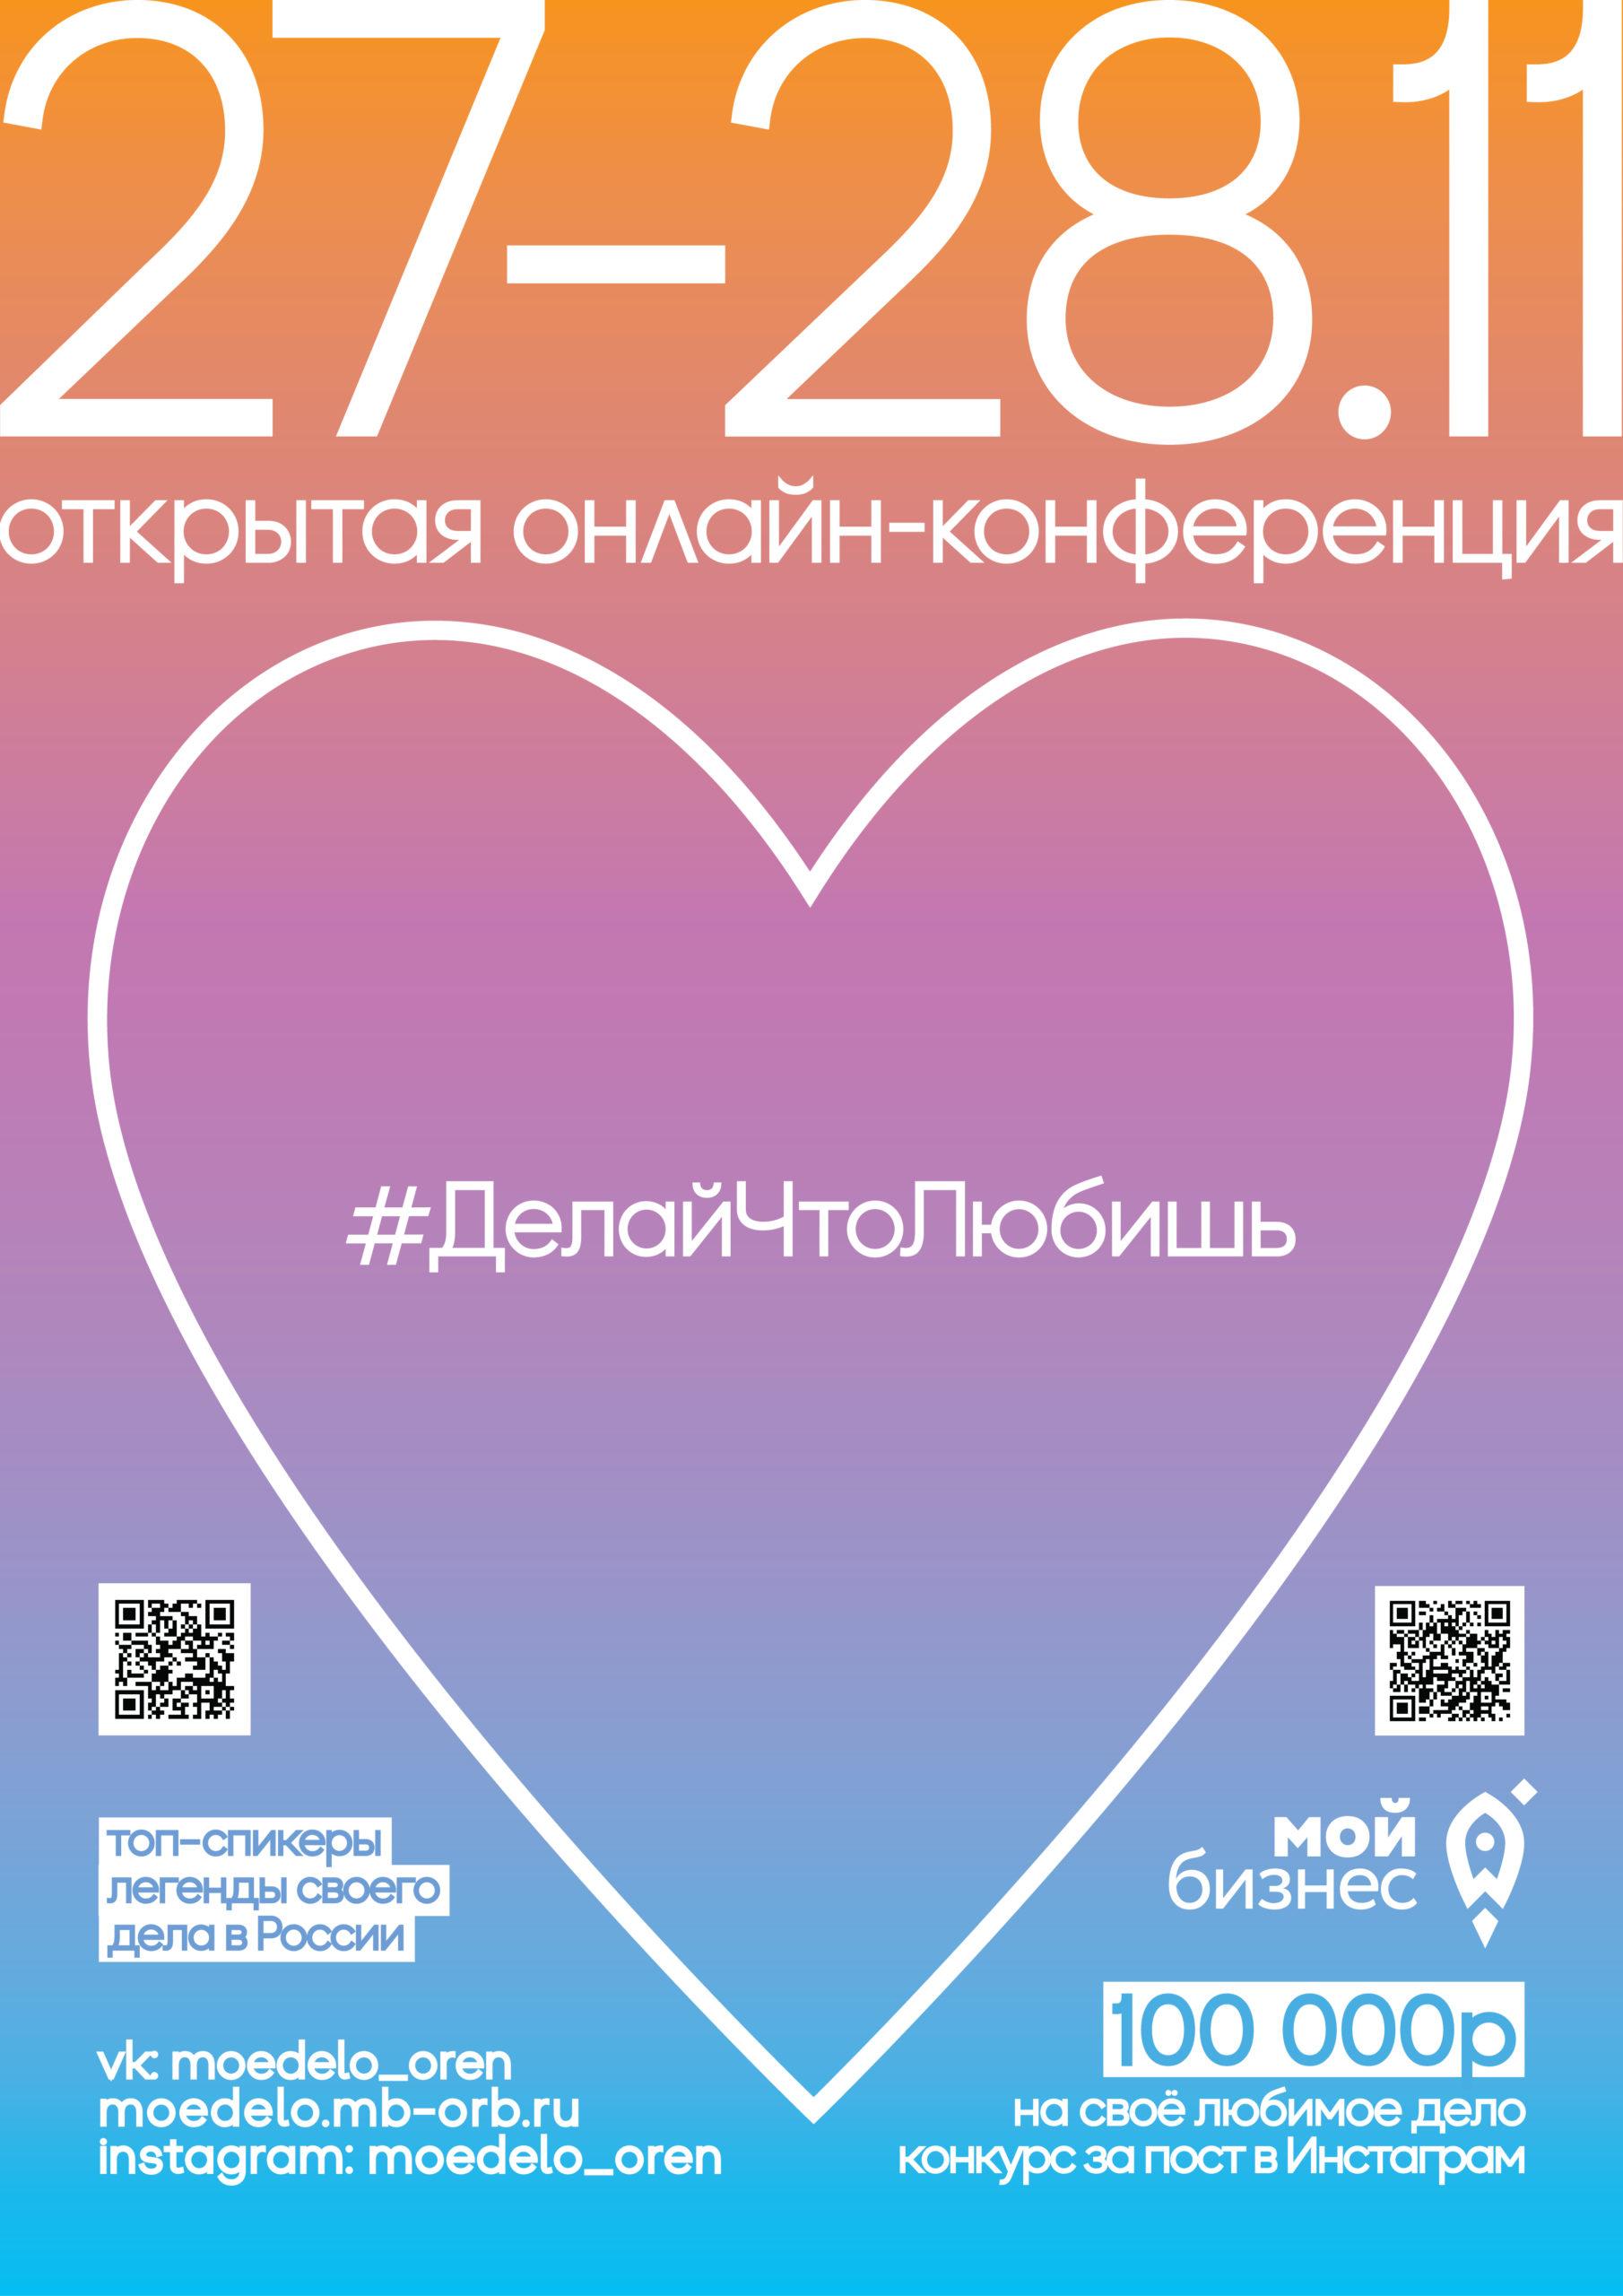 Делай, что любишь. В Оренбурге пройдет онлайн-конференция для бизнесменов